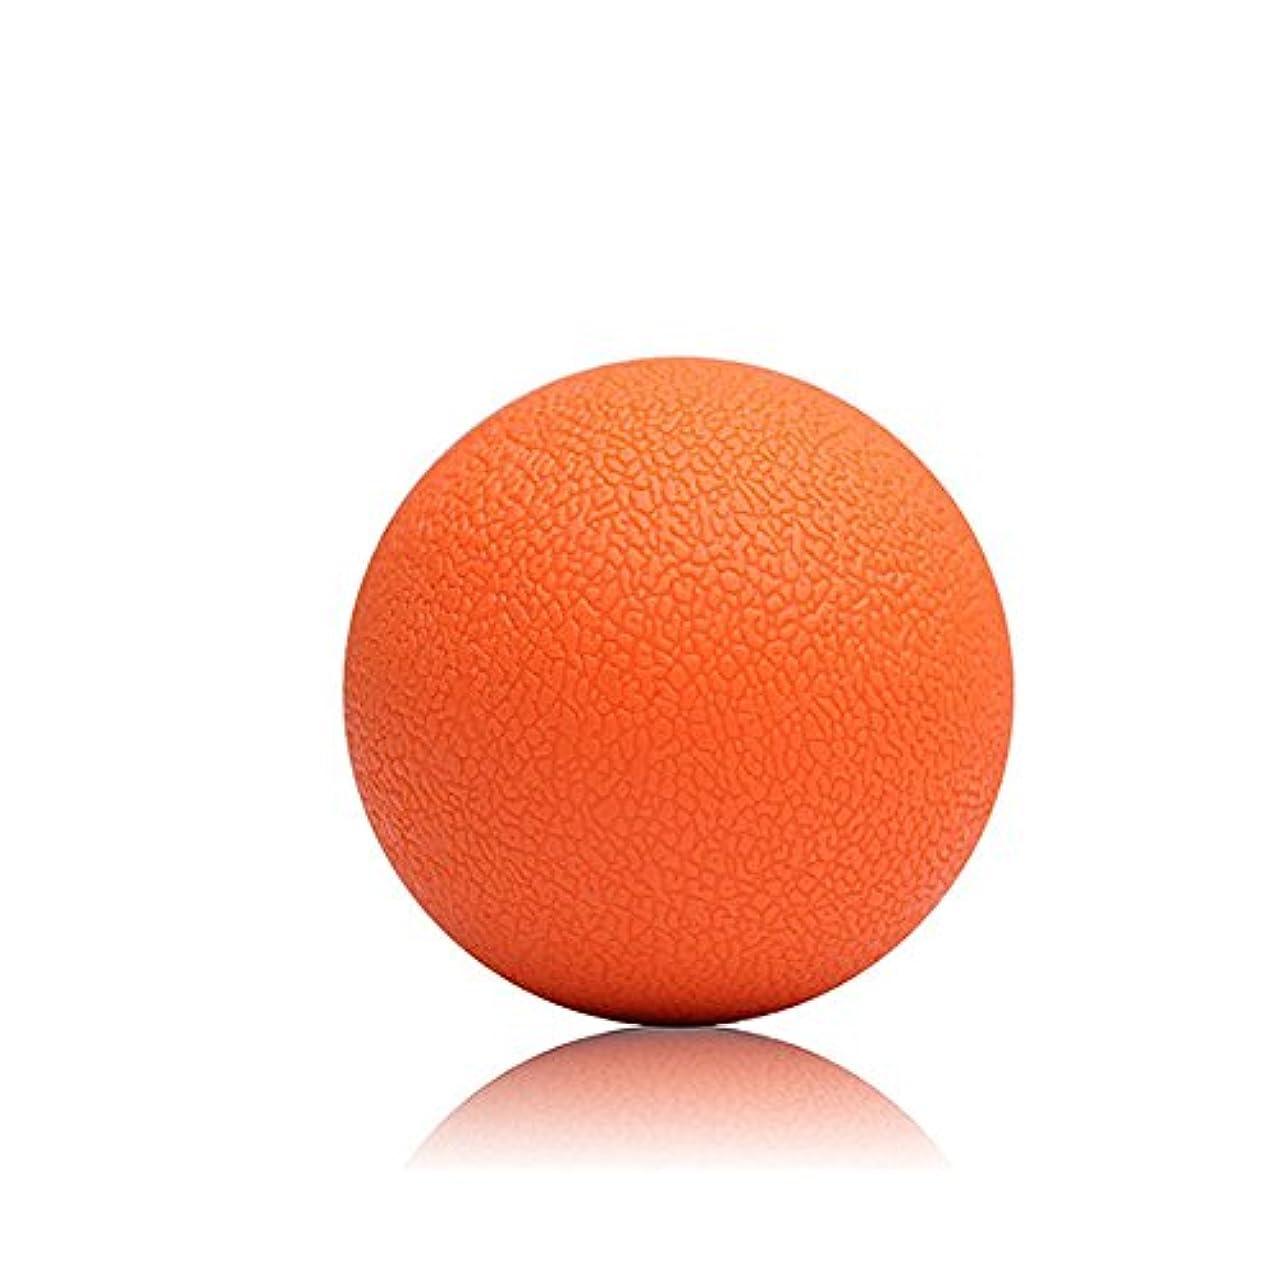 ボリューム呼び起こす注釈マッサージボール 筋膜リリース 指圧ボール 足裏 ふくらはぎ ツボ押しグッズ 健康グッズ